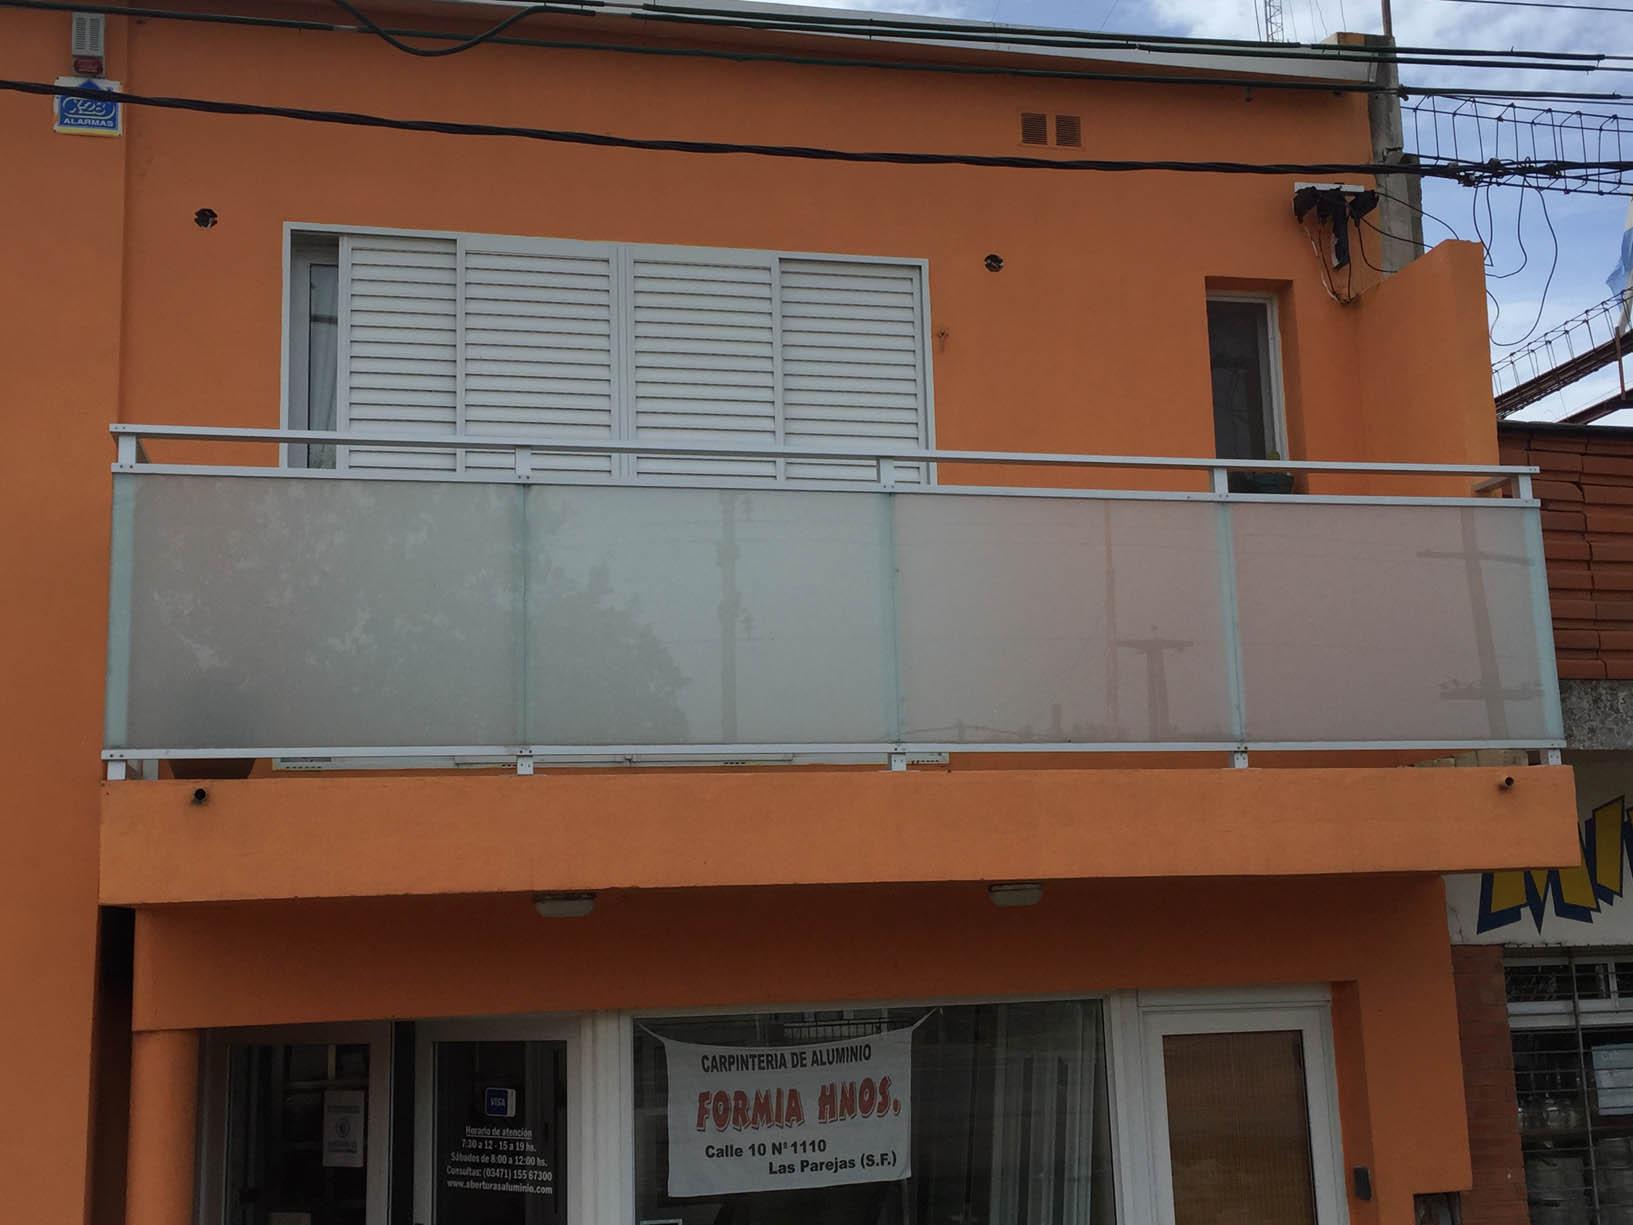 cerramiento de balcon de aluminio con cristal blisan esmerilado